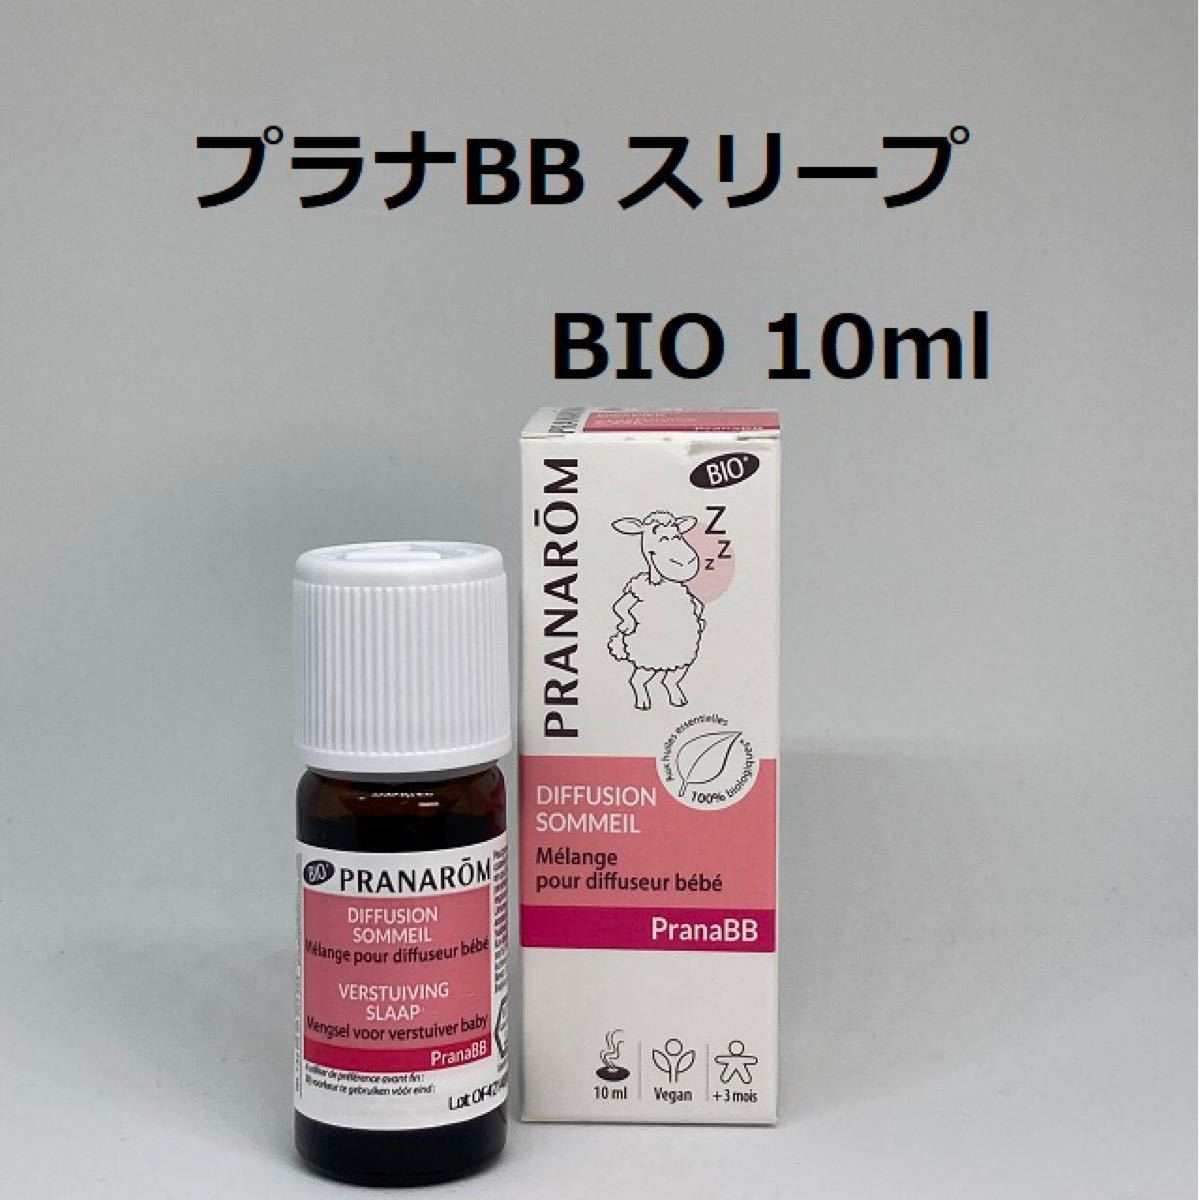 プラナロム プラナBB スリープ 10ml 精油 PRANAROM